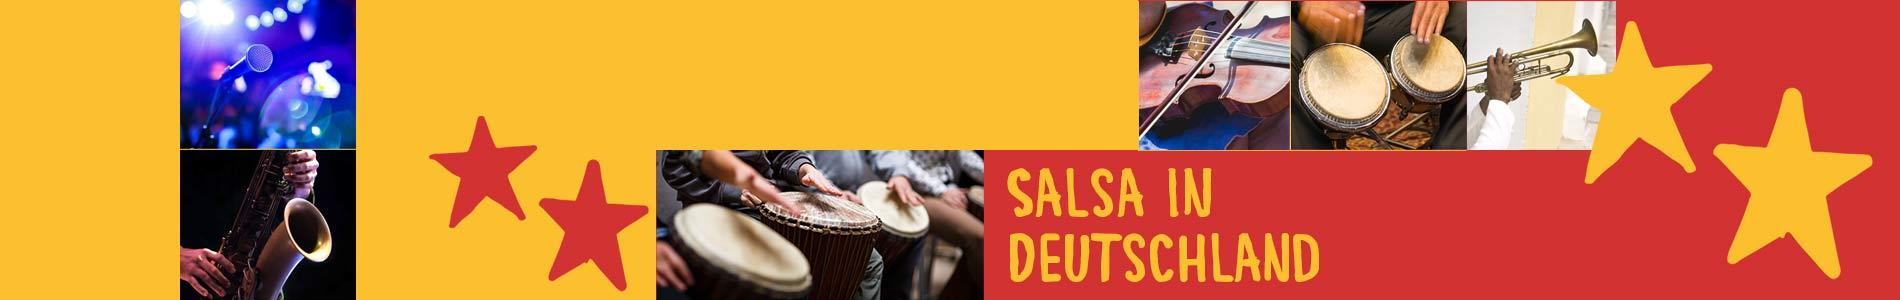 Salsa in Burg Stargard – Salsa lernen und tanzen, Tanzkurse, Partys, Veranstaltungen